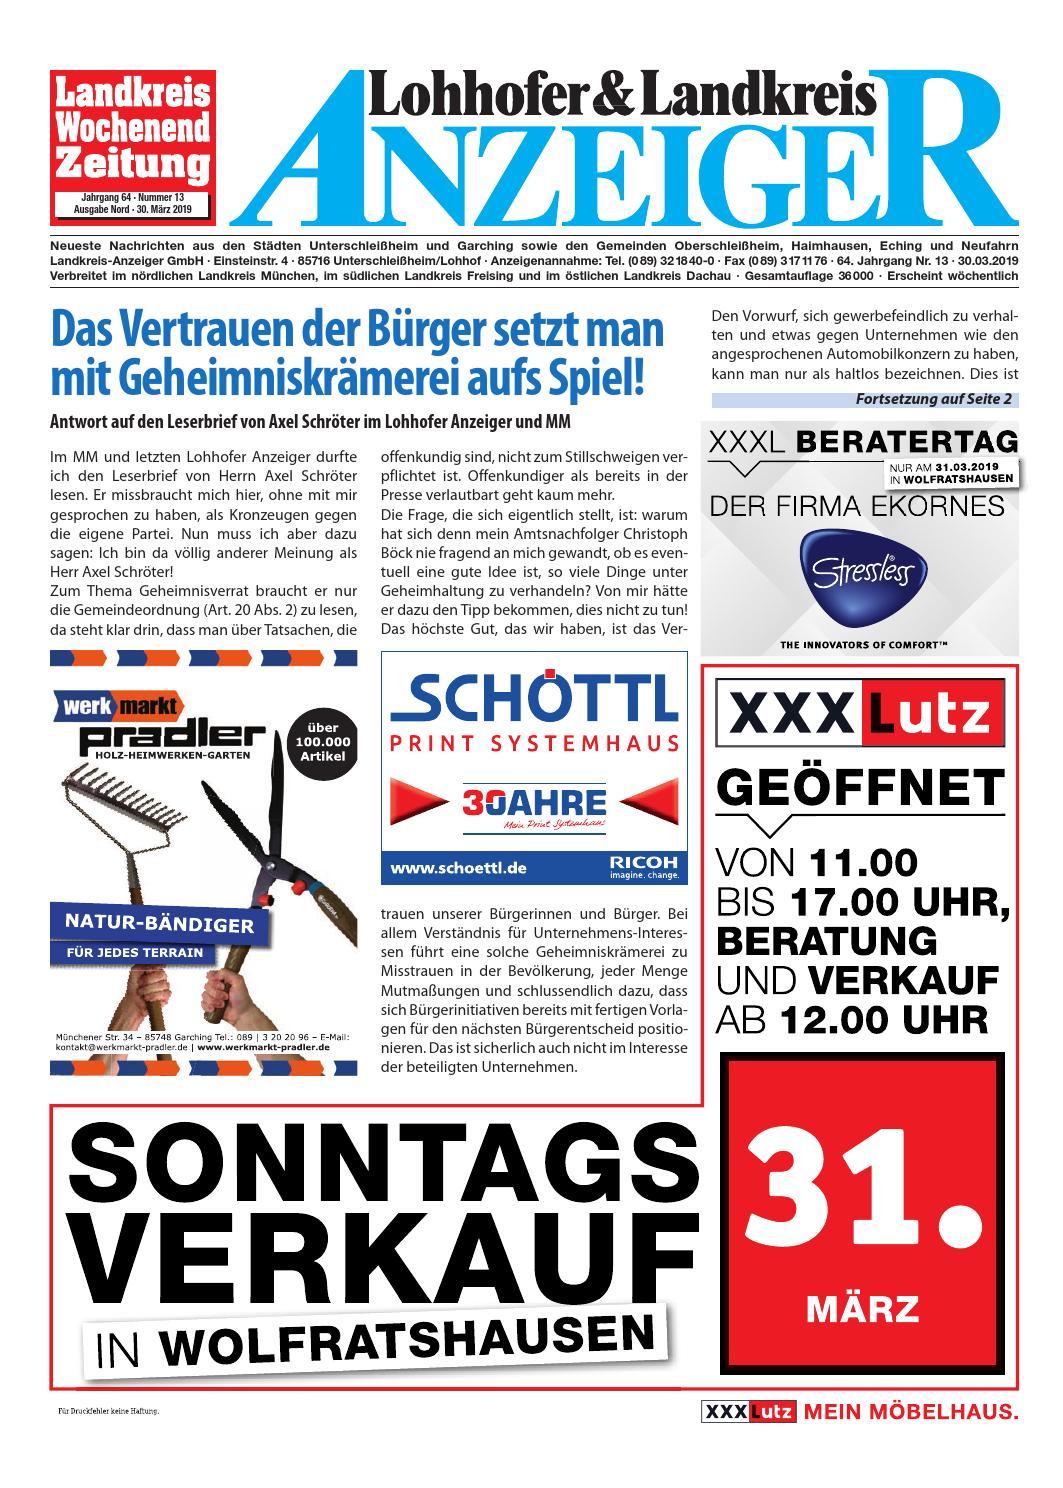 c55d3585c0c25 Lohhofer   Landkreis Anzeiger 13 19 by Zimmermann GmbH Druck   Verlag -  issuu